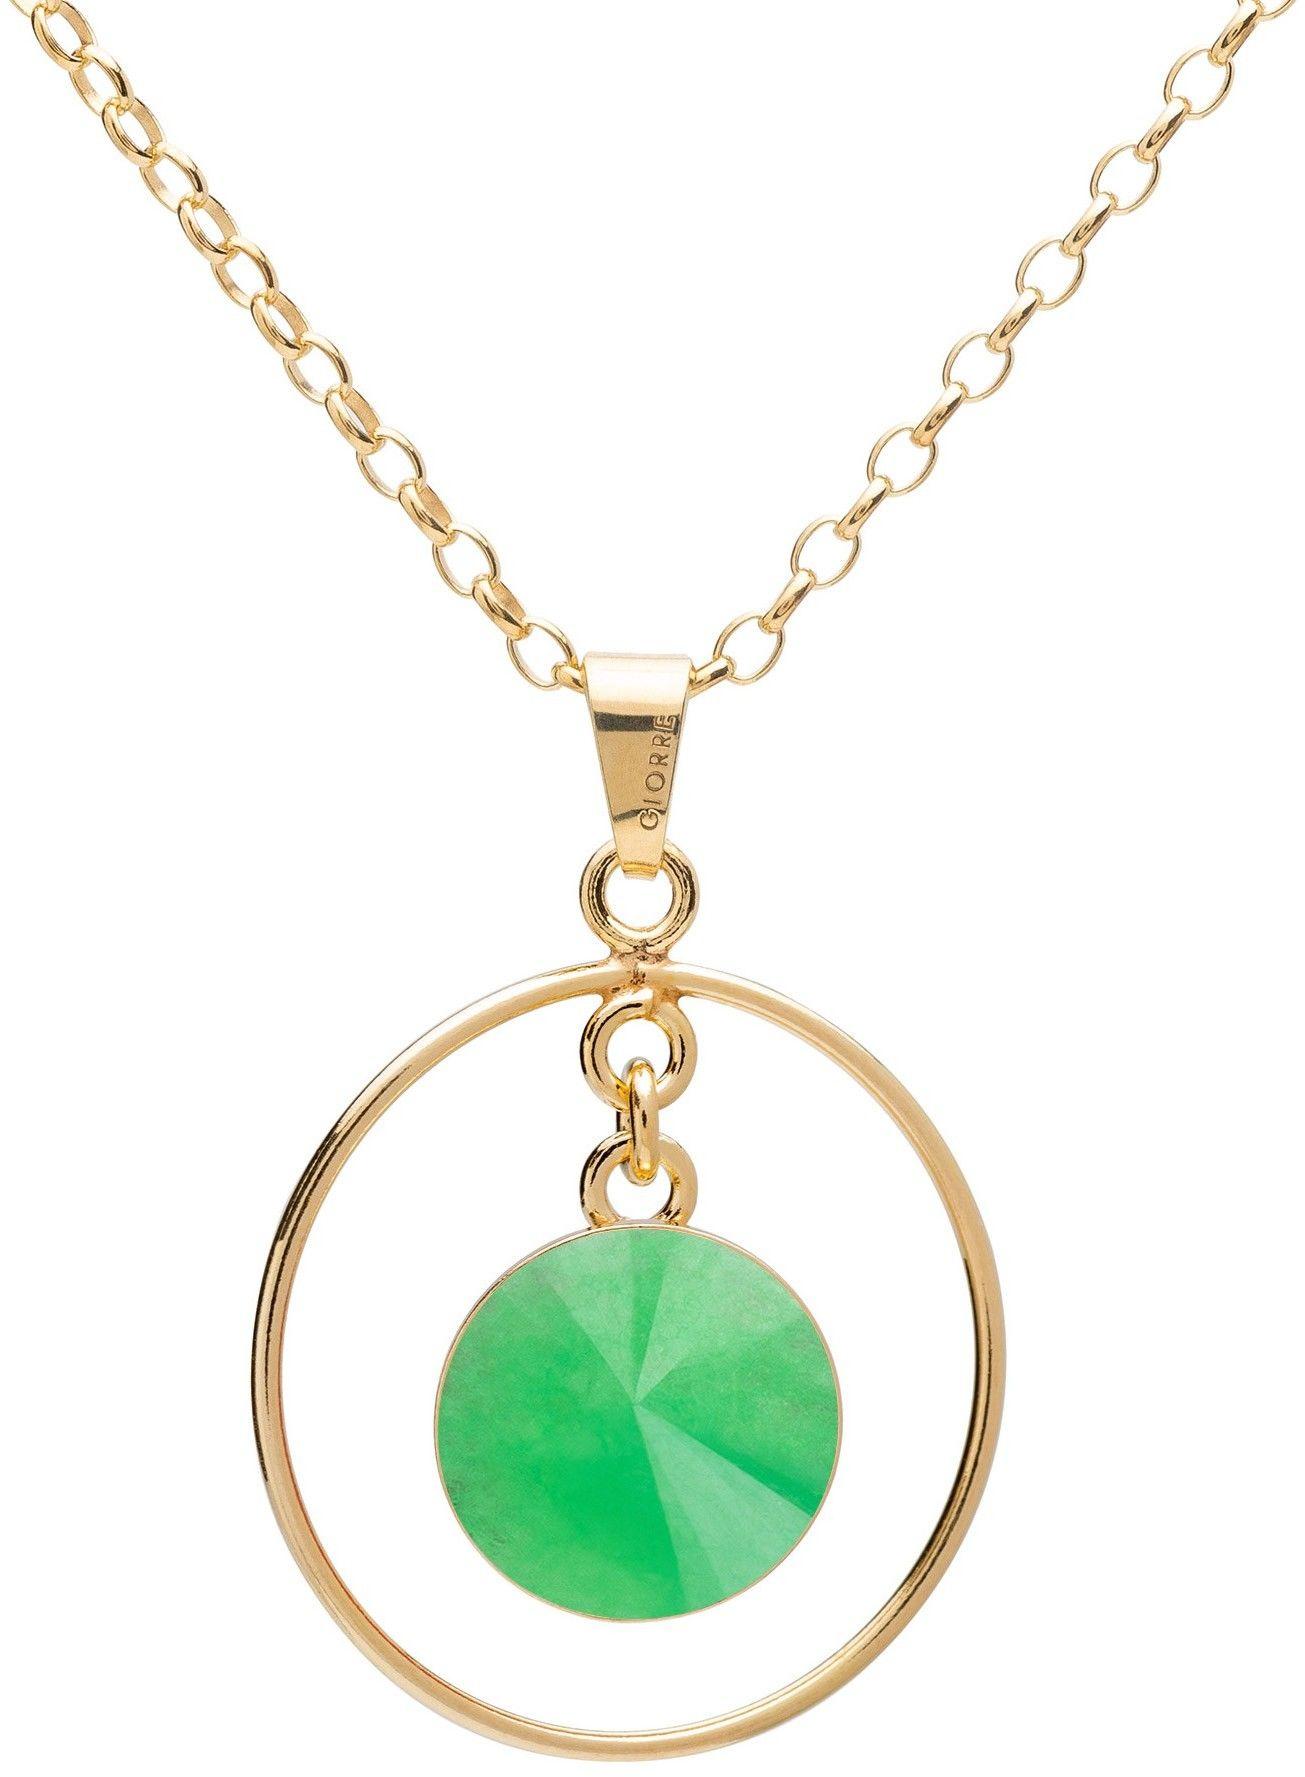 Okrągły naszyjnik z naturalnym kamieniem - chryzopraz, srebro 925 : Długość (cm) - 45 + 5, Kamienie naturalne - kolor - chryzopraz zielony ciemny, Srebro - kolor pokrycia - Pokrycie żółtym 18K złotem